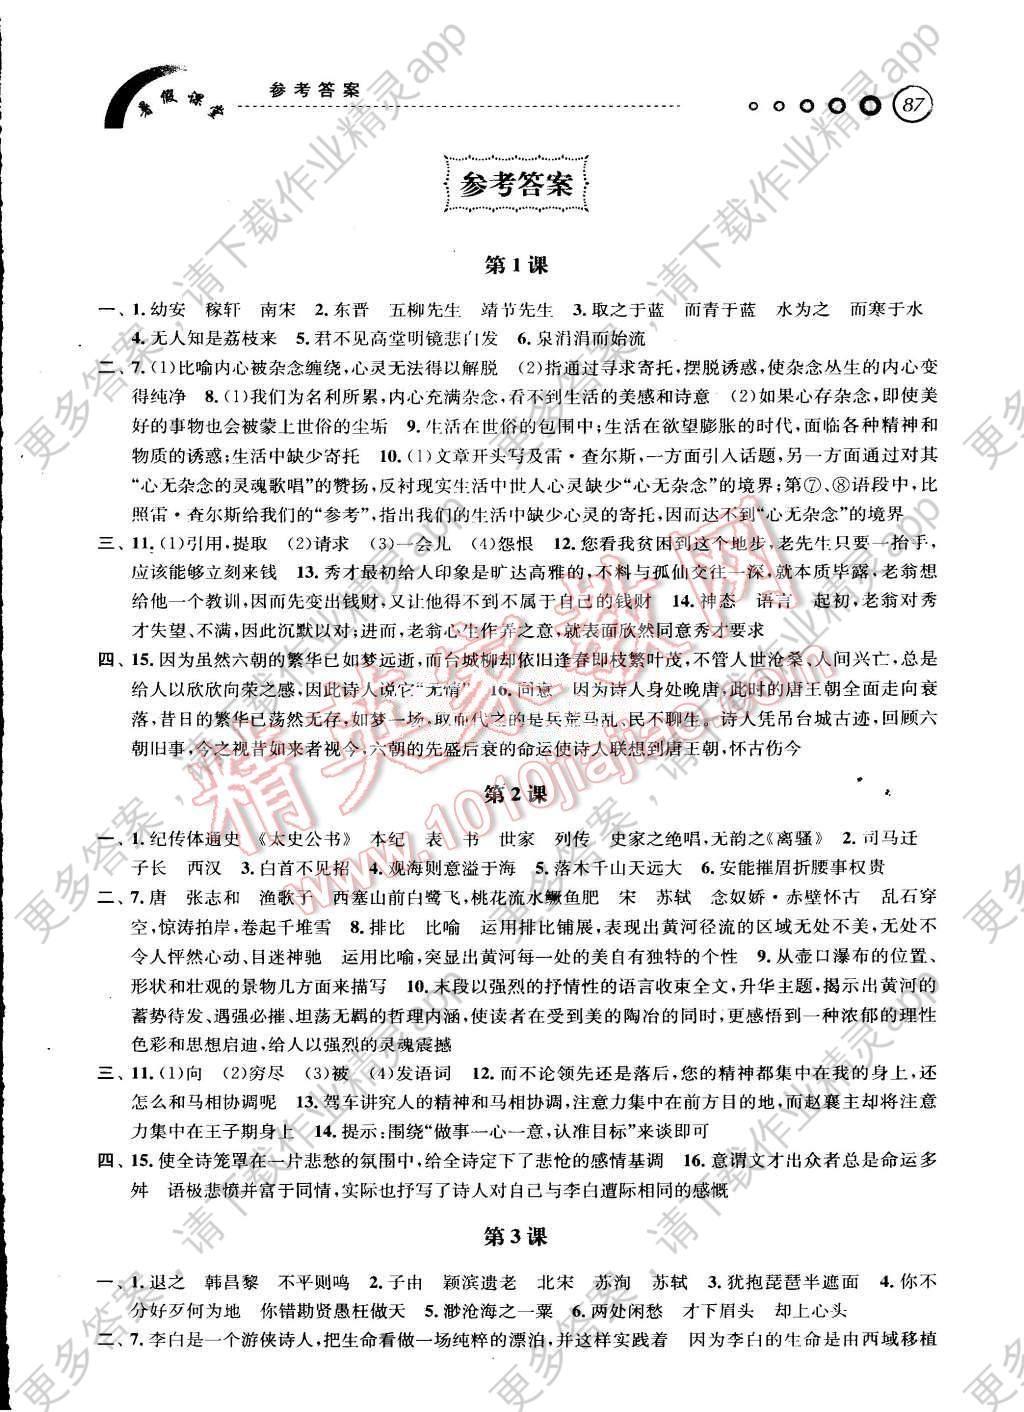 2015年惠宇文化暑假课堂每课一练高二年级语文 第1页